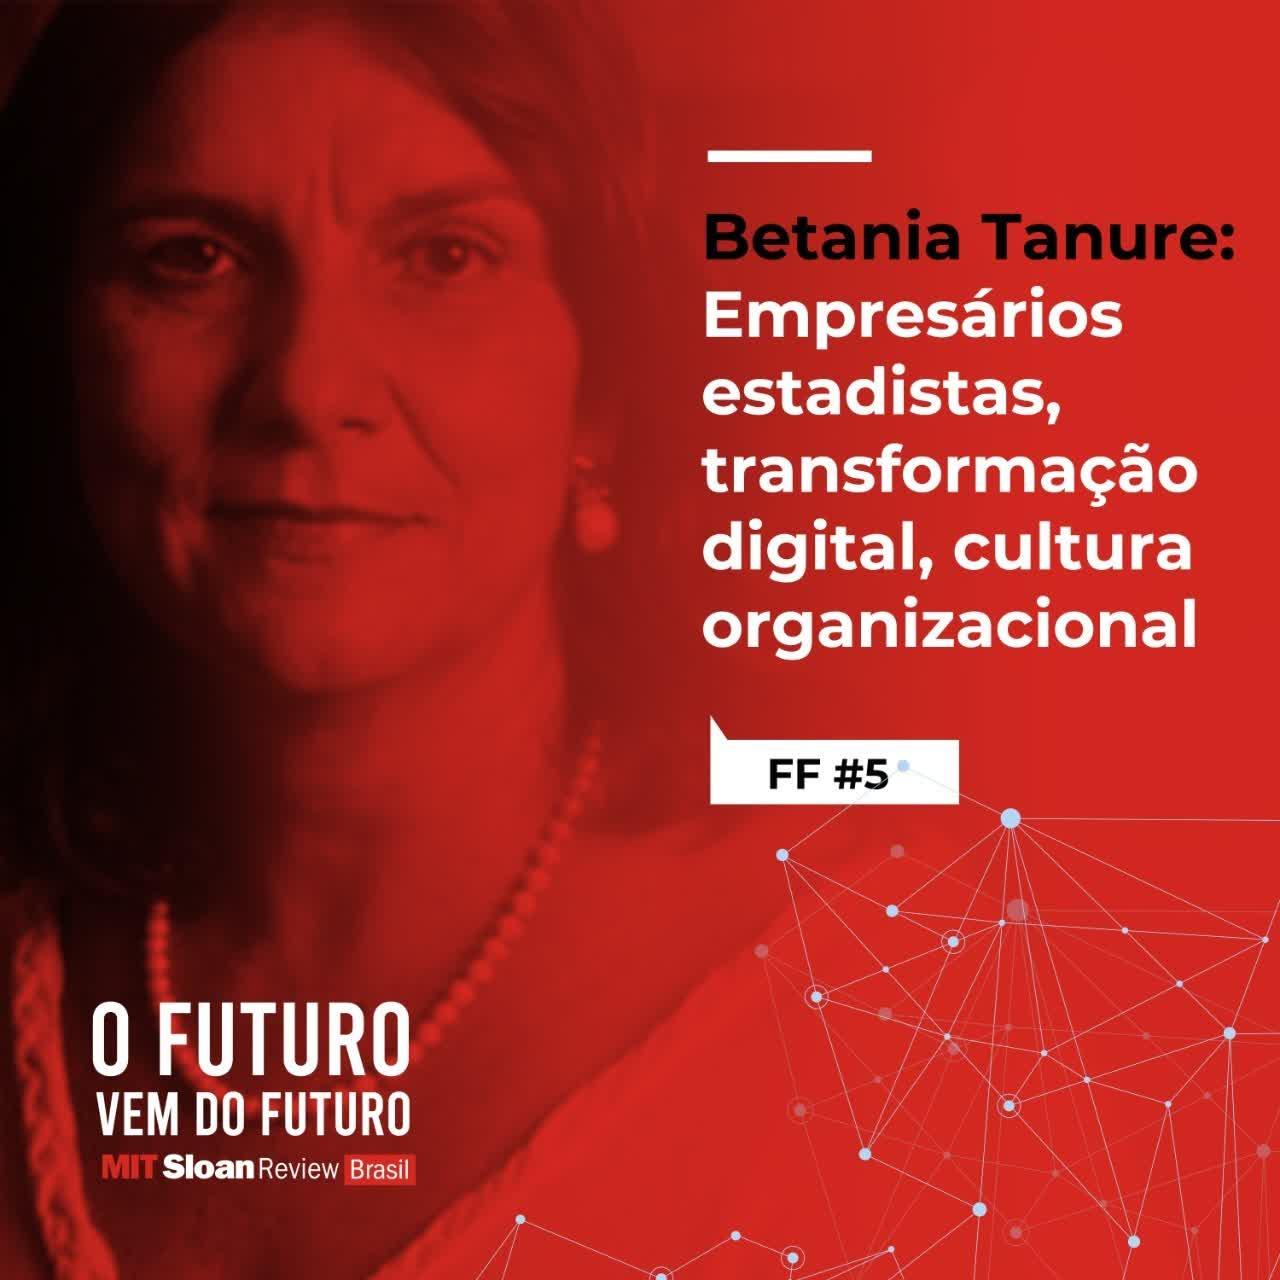 #5 - Betania Tanure: empresários estadistas, transformação digital, cultura organizacional